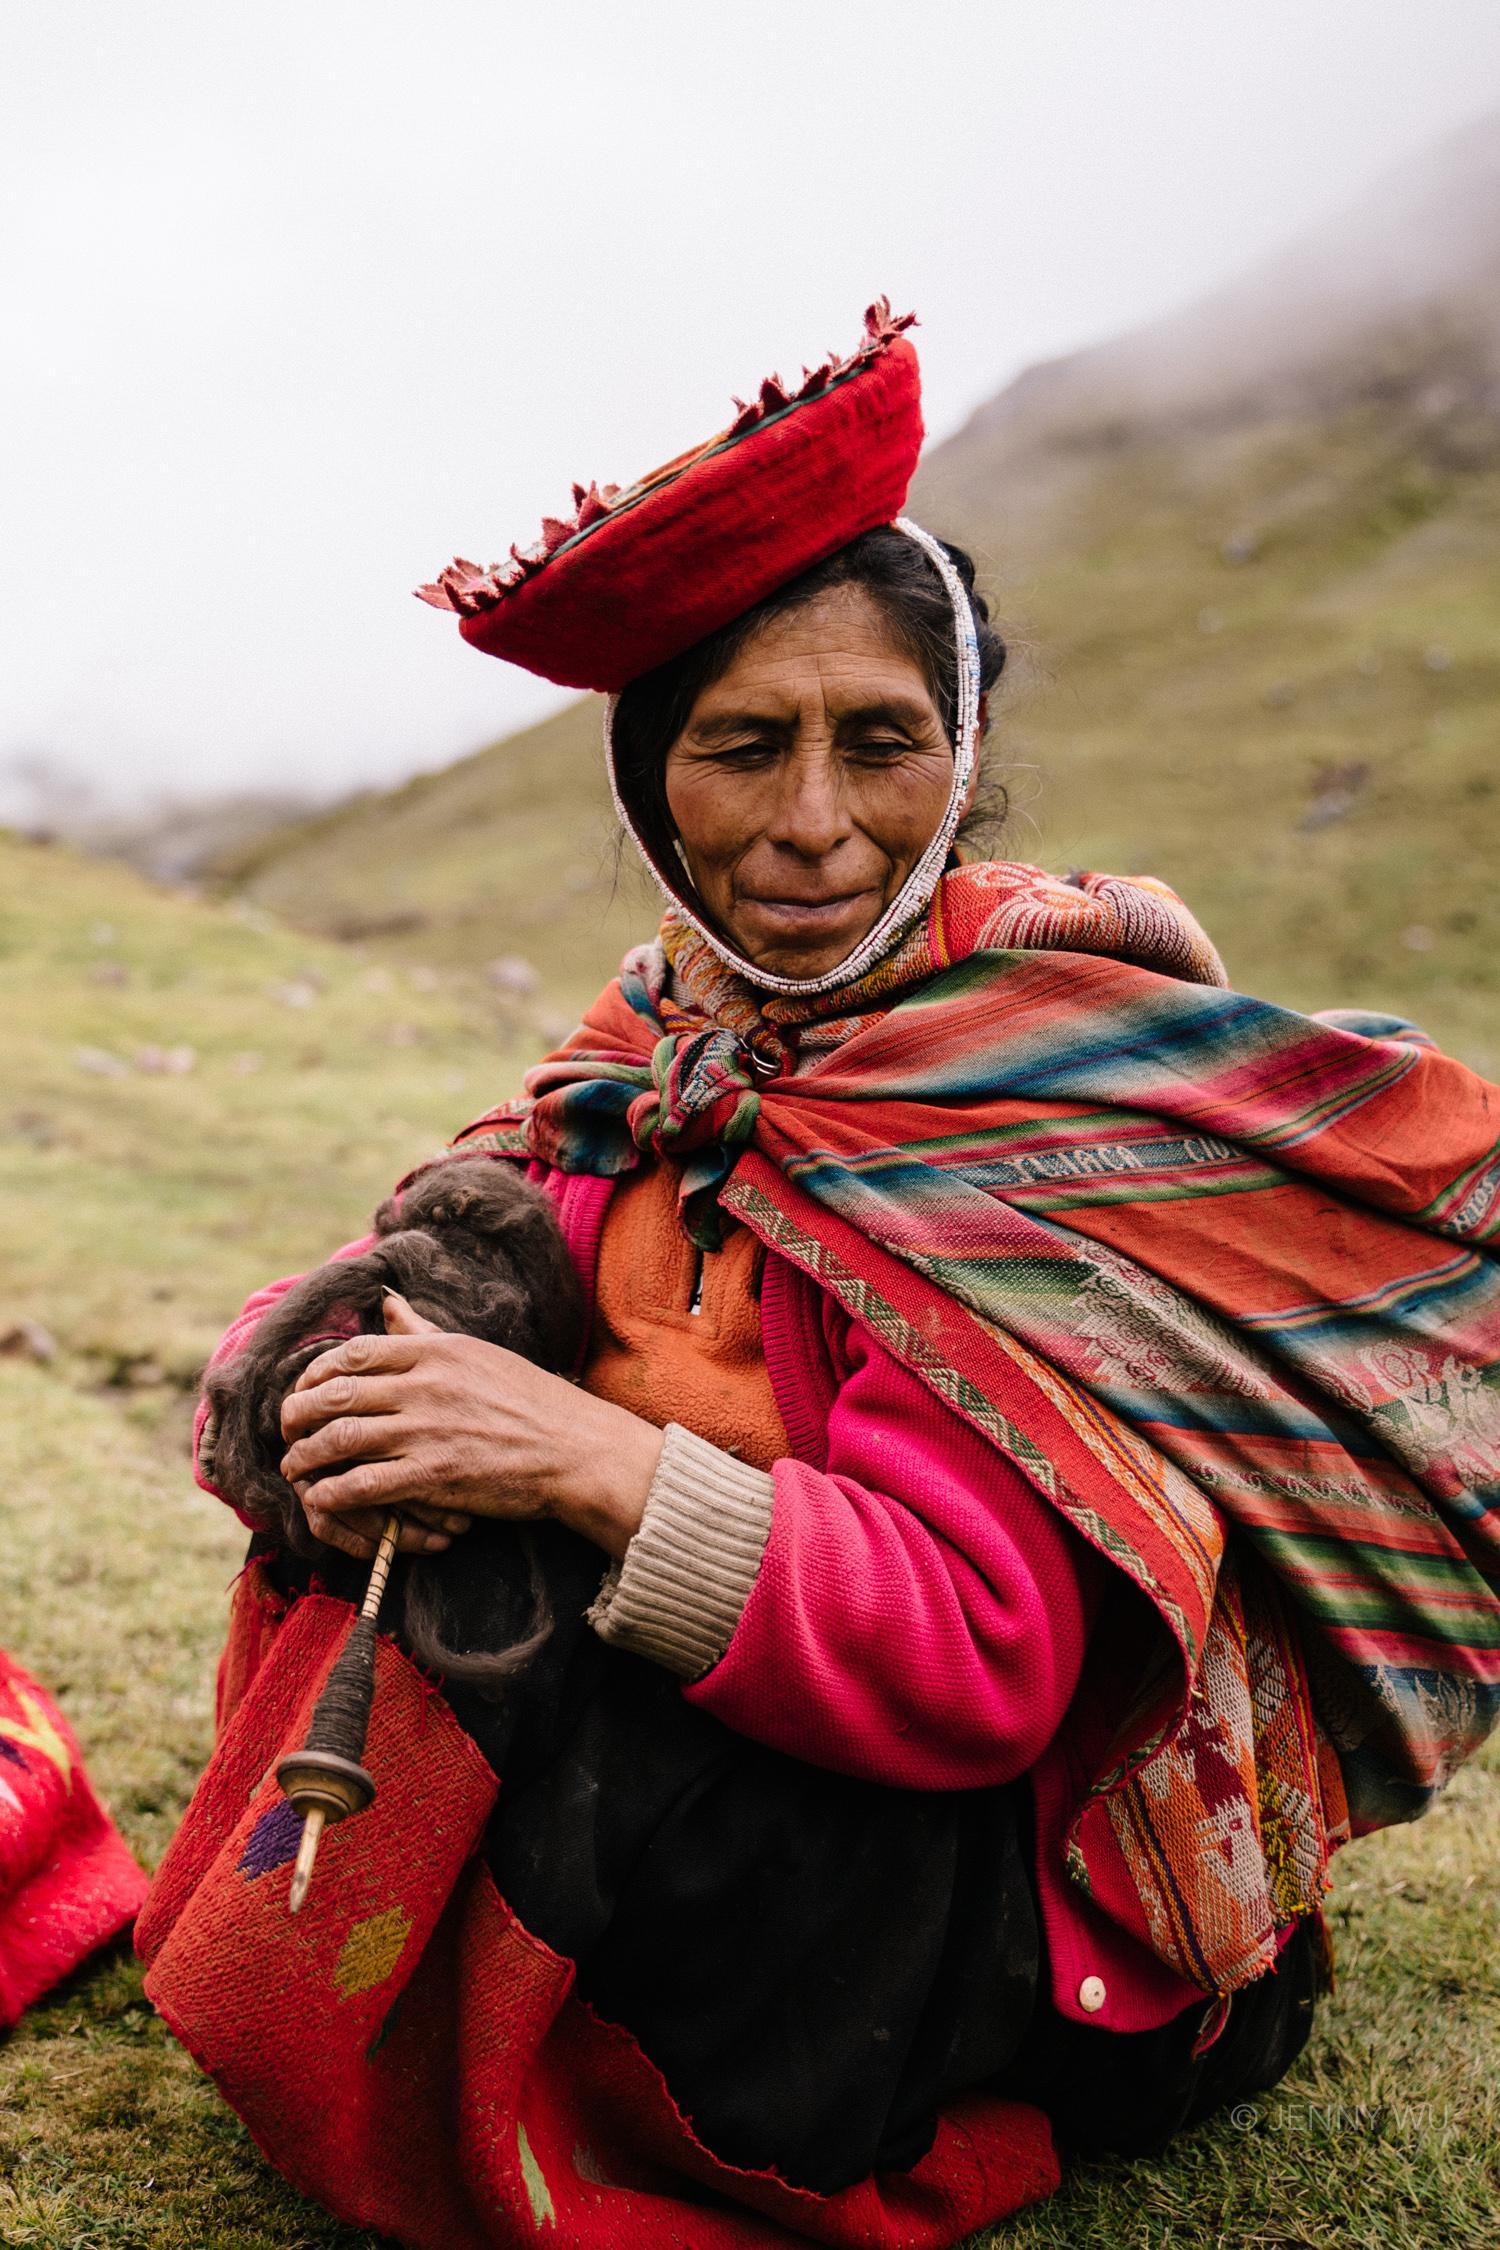 Peru polaroid project-3.jpg